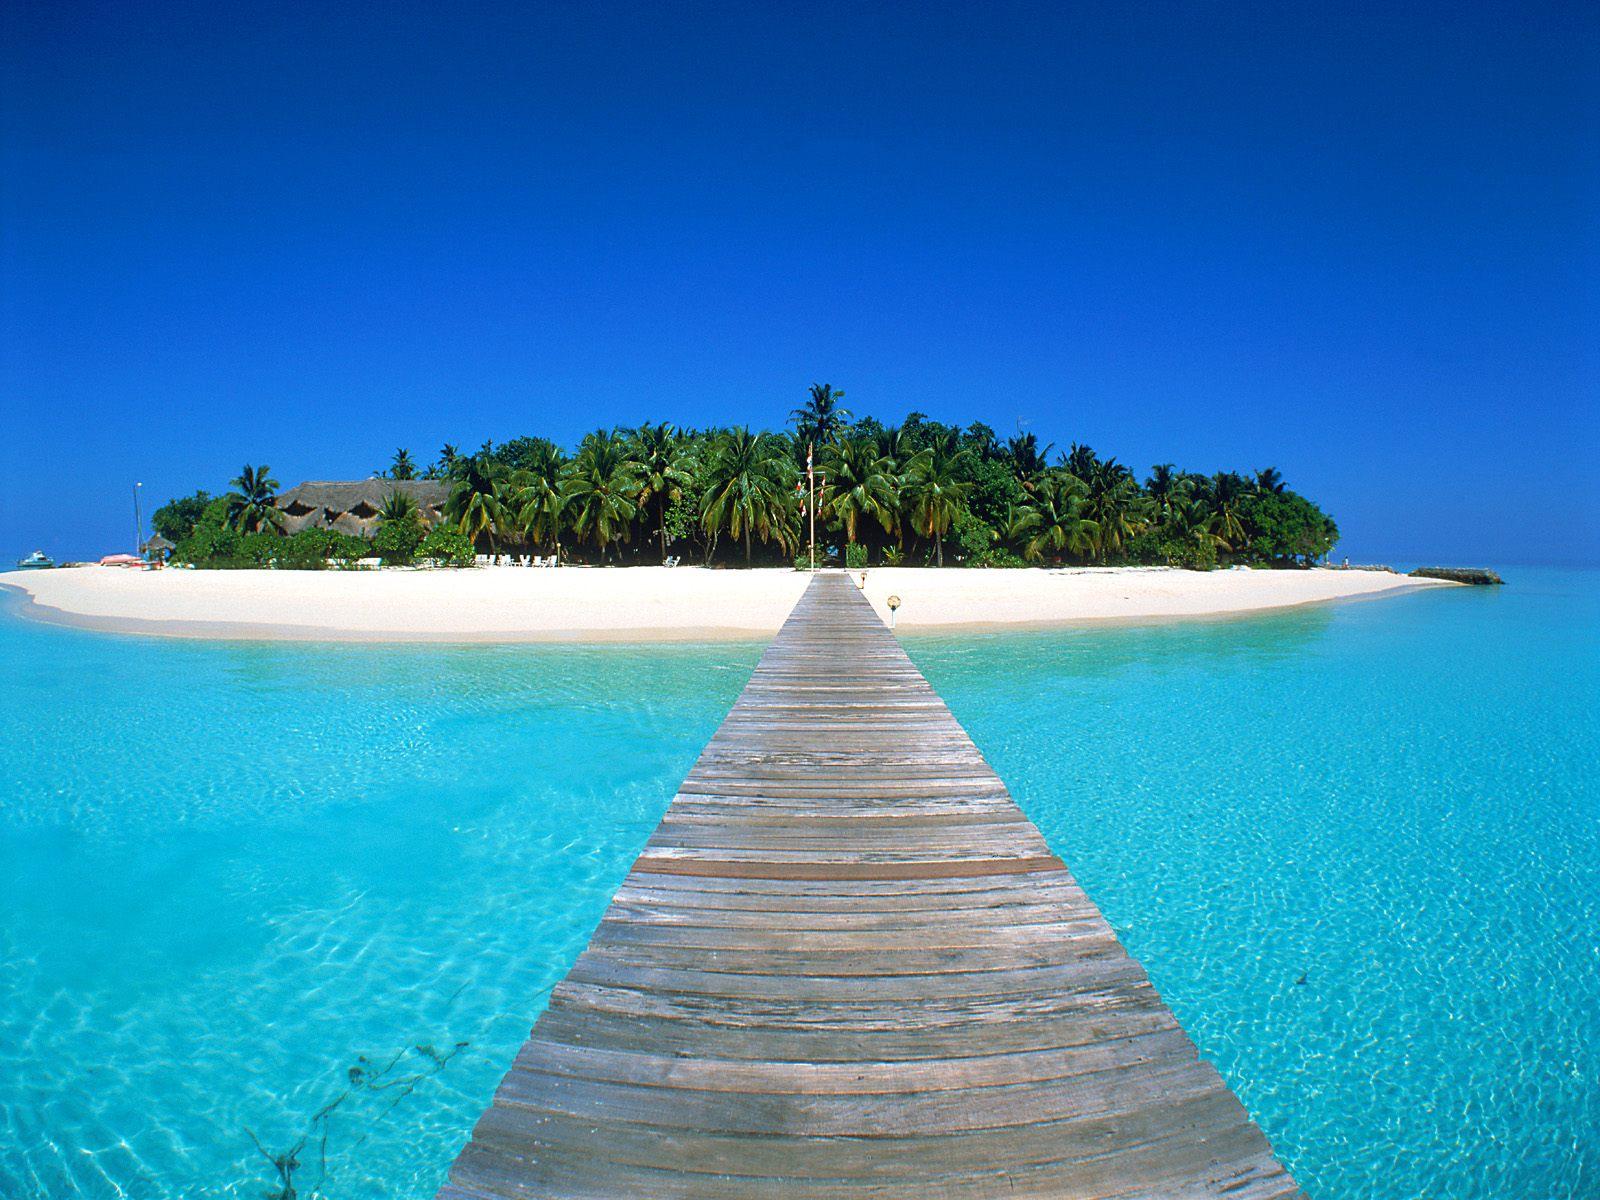 Maldives maldives package holidays maldives package holidays show as